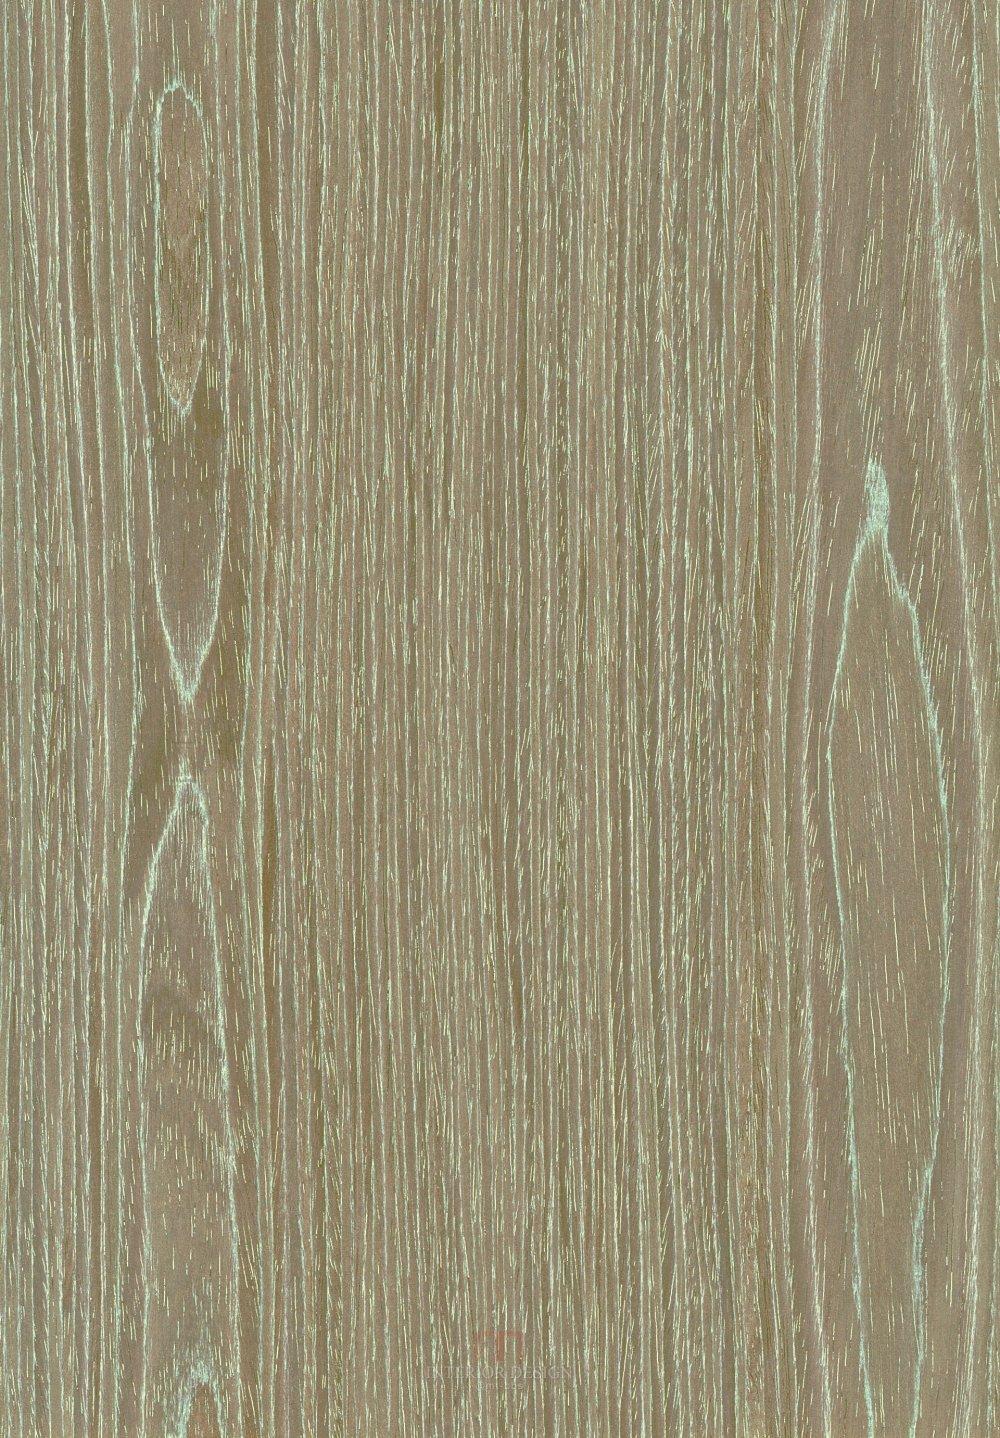 人造木纹_K6237M_F0603.jpg